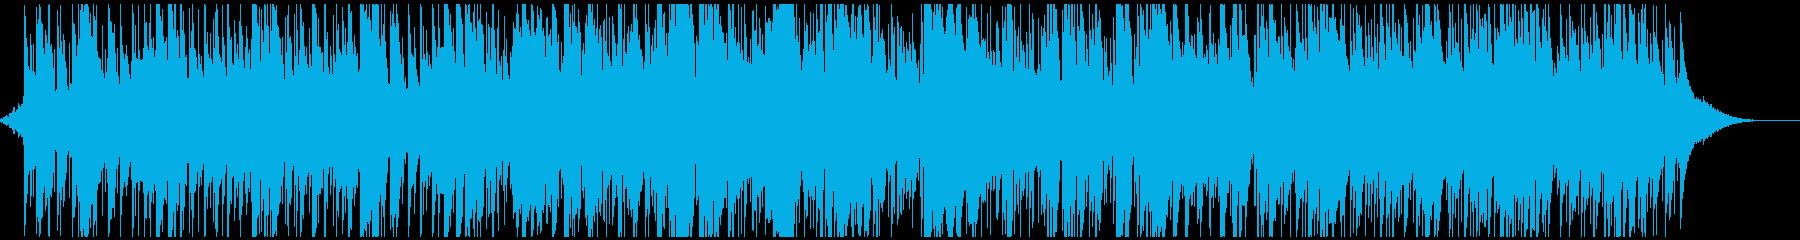 ひいらぎかざろう・クリスマス曲・ボサノバの再生済みの波形